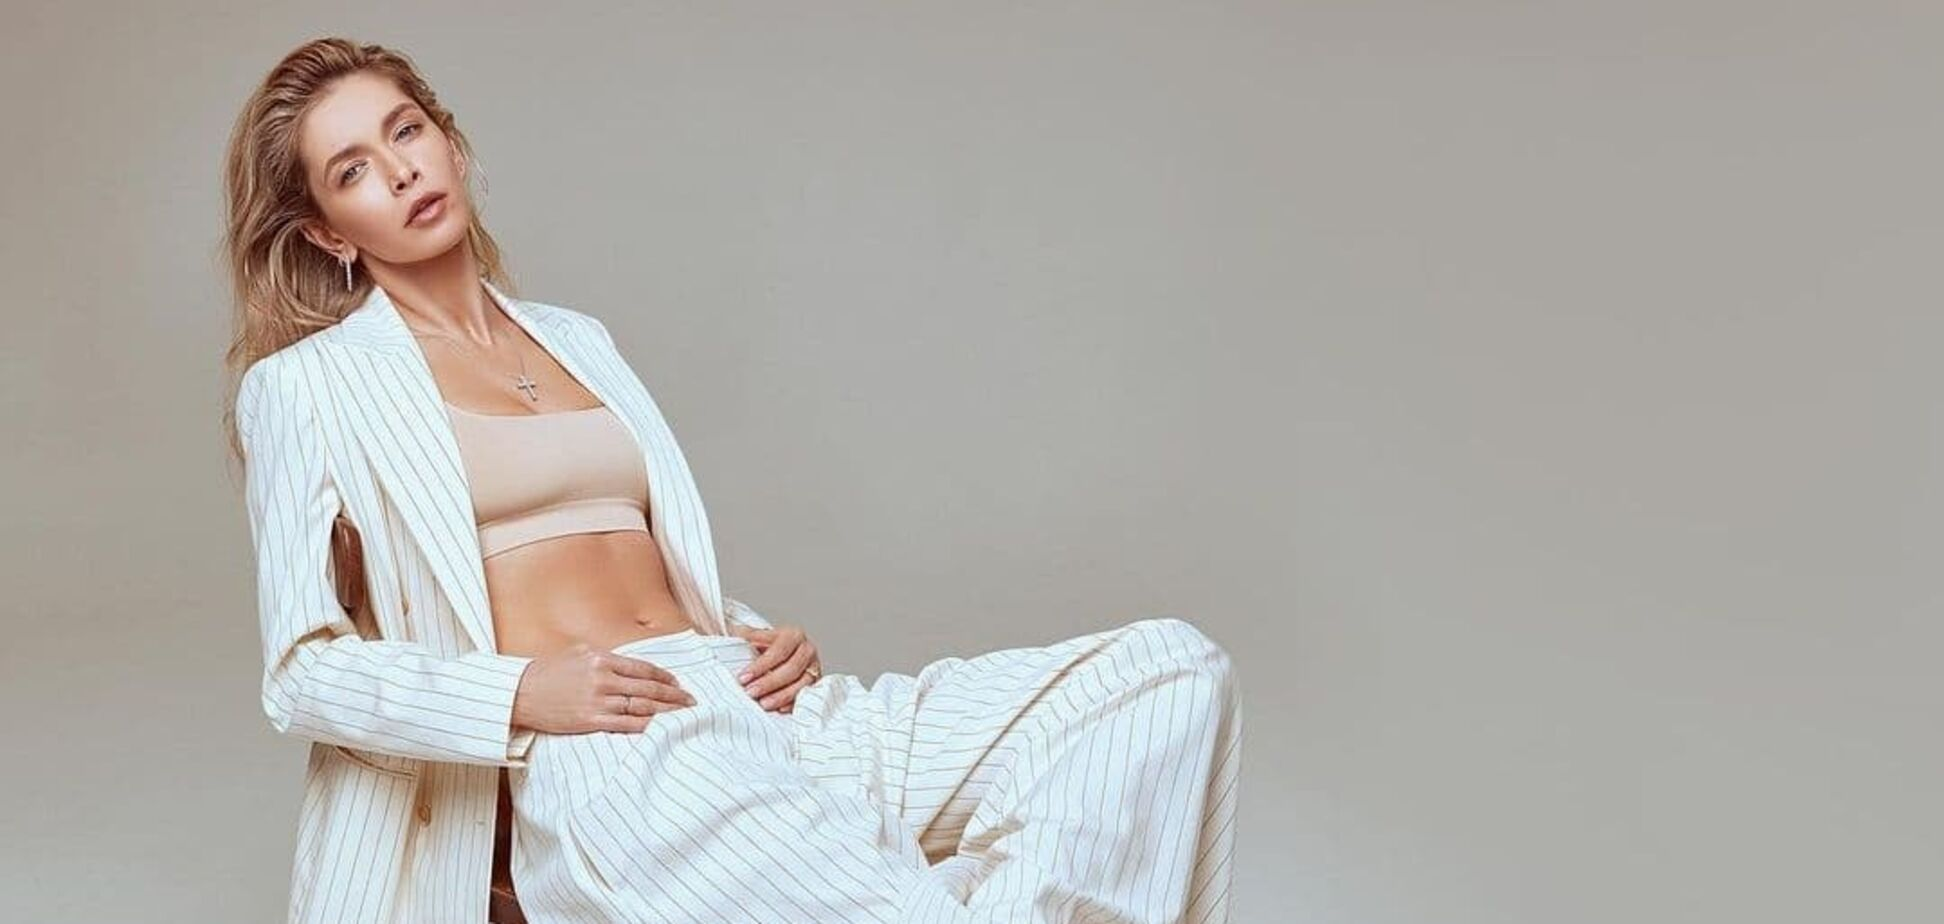 Брежнева показала стильный весенний образ для нового клипа